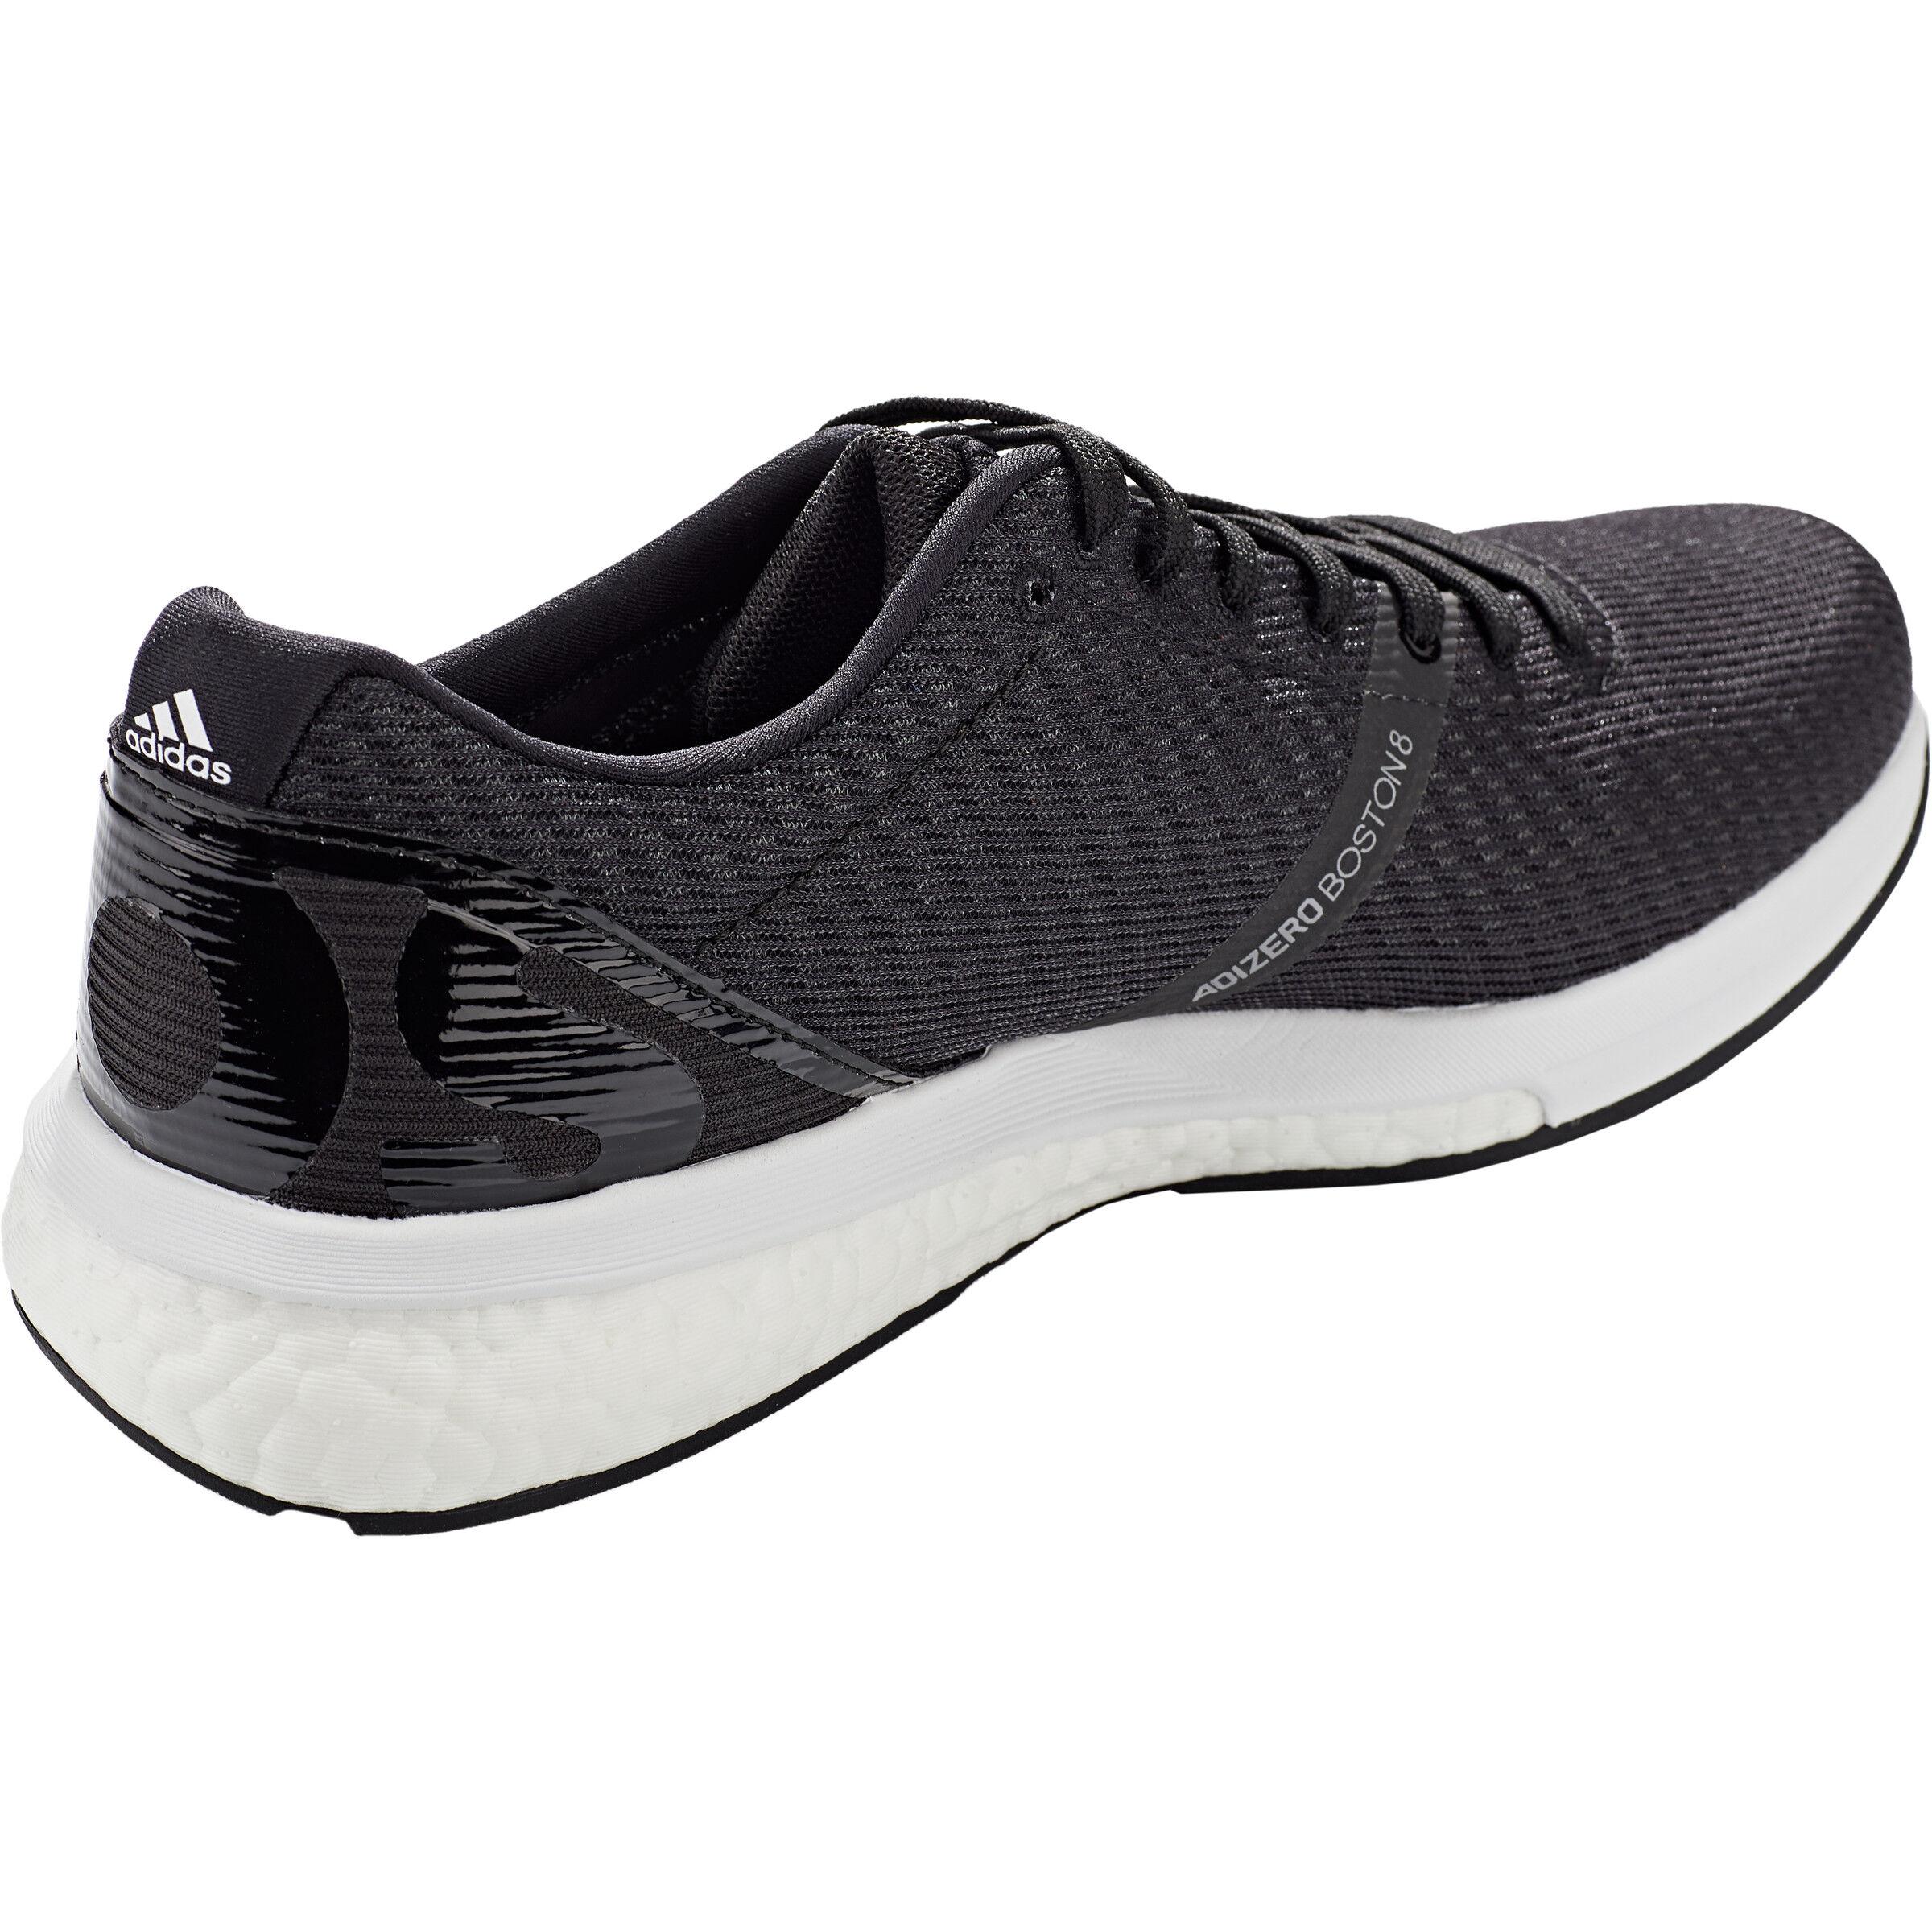 adidas Adizero Boston 8 Low Cut Schuhe Herren core blackfootwear whitegrey six